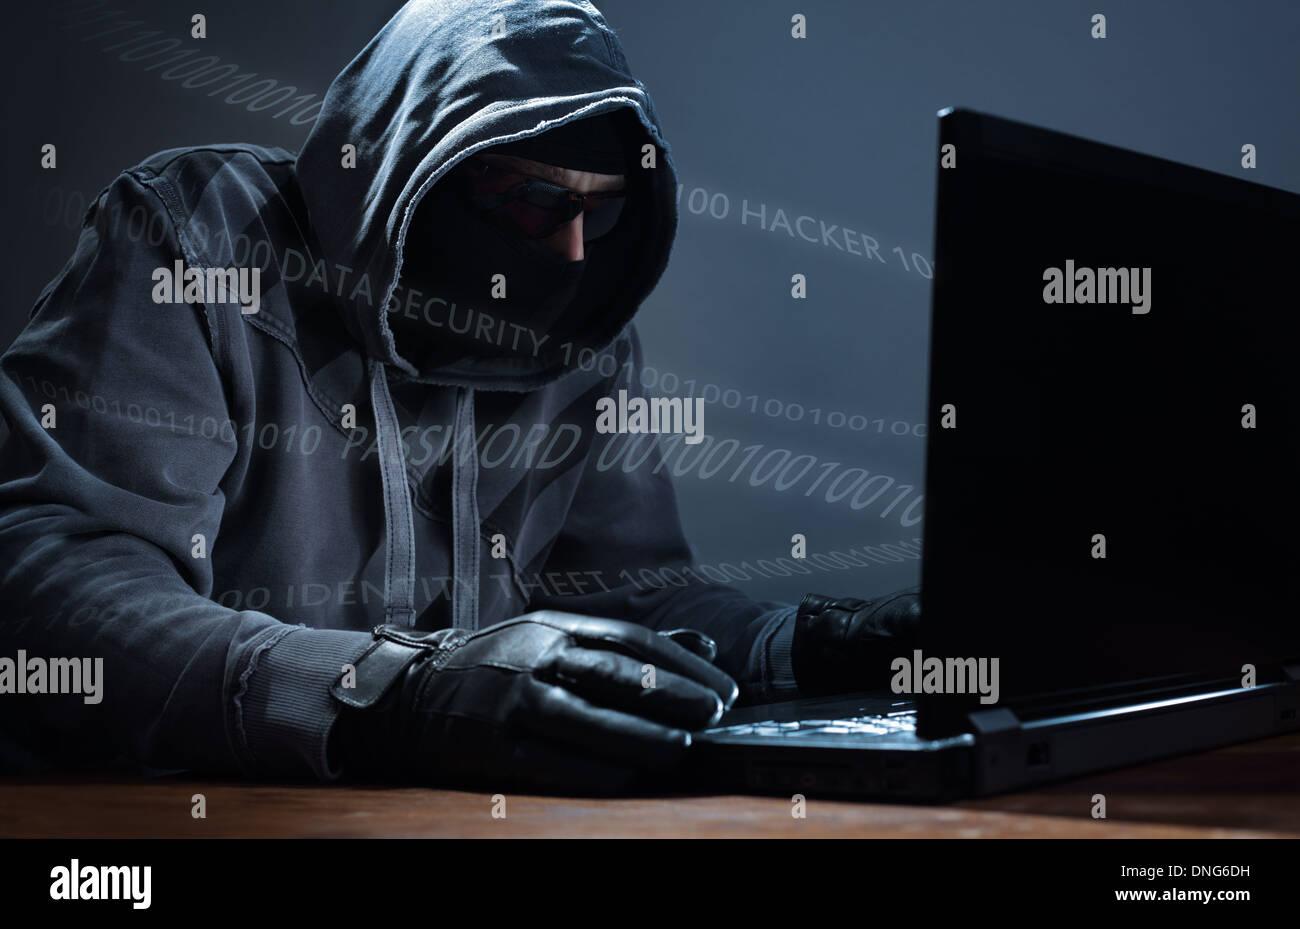 Hacker robar datos de un ordenador portátil Imagen De Stock